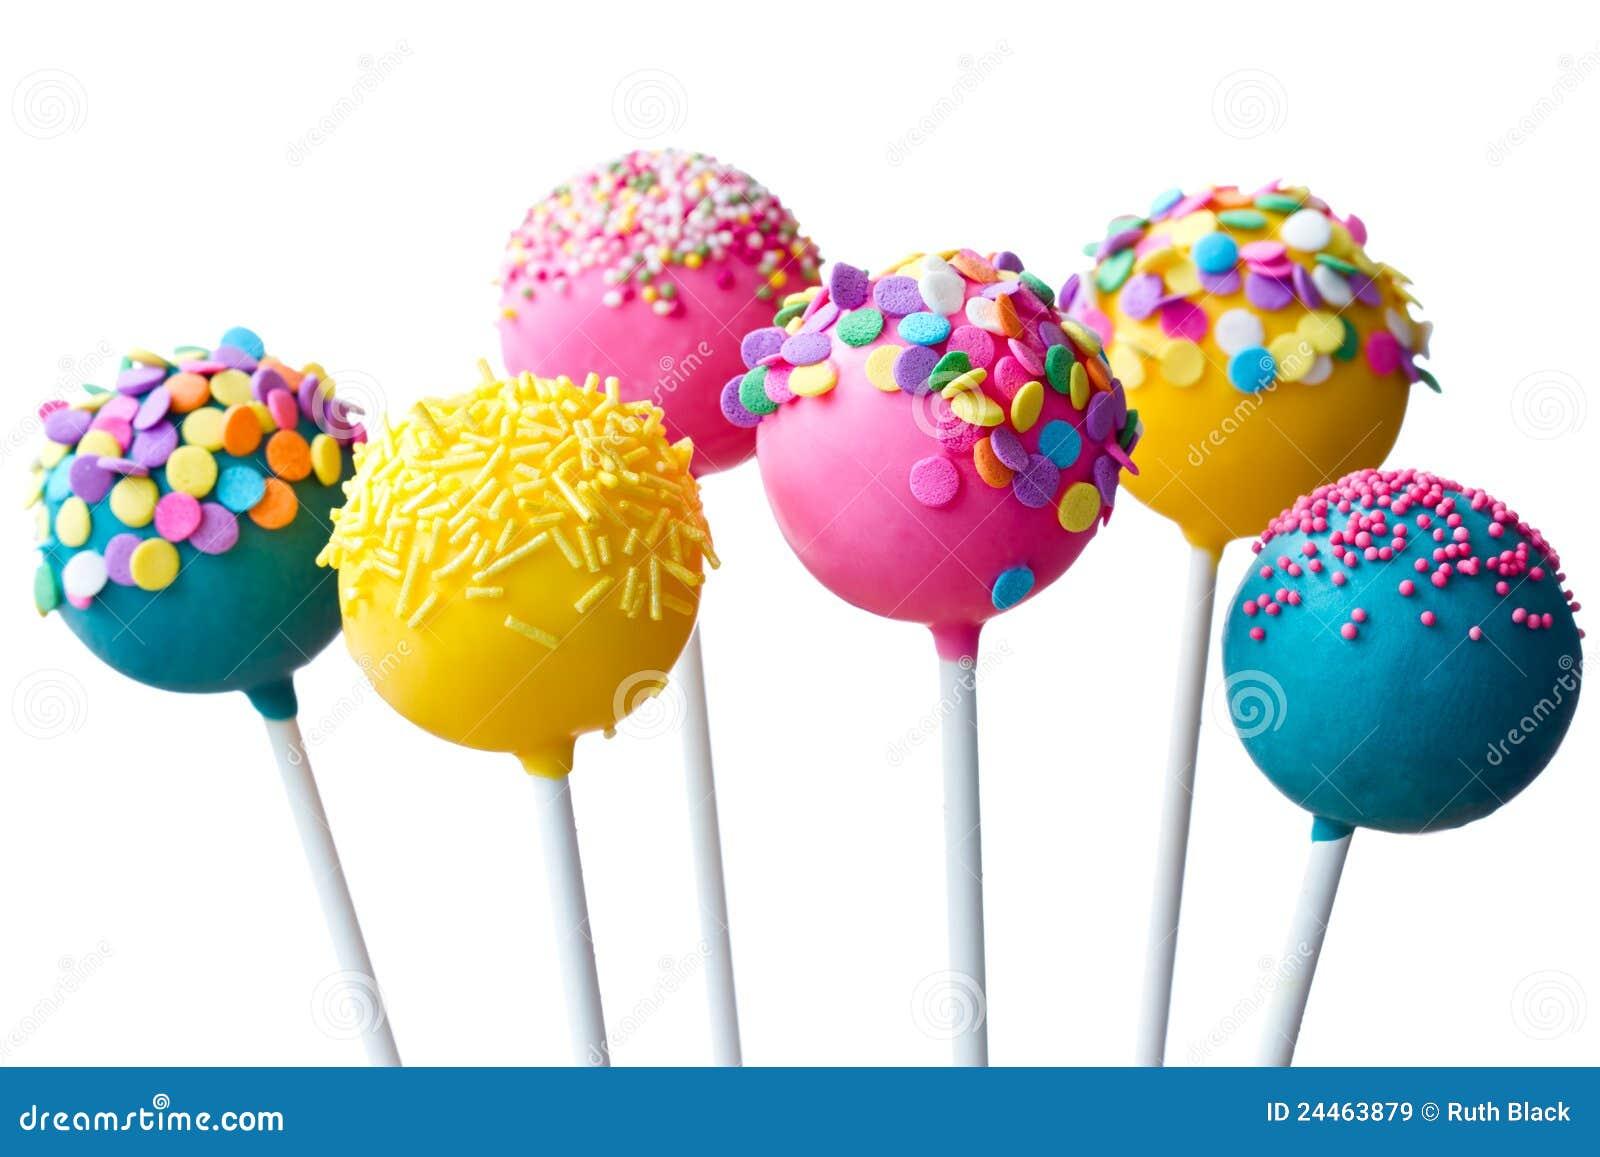 Cake Pops Stock Image Image Of Cake Dessert Baked